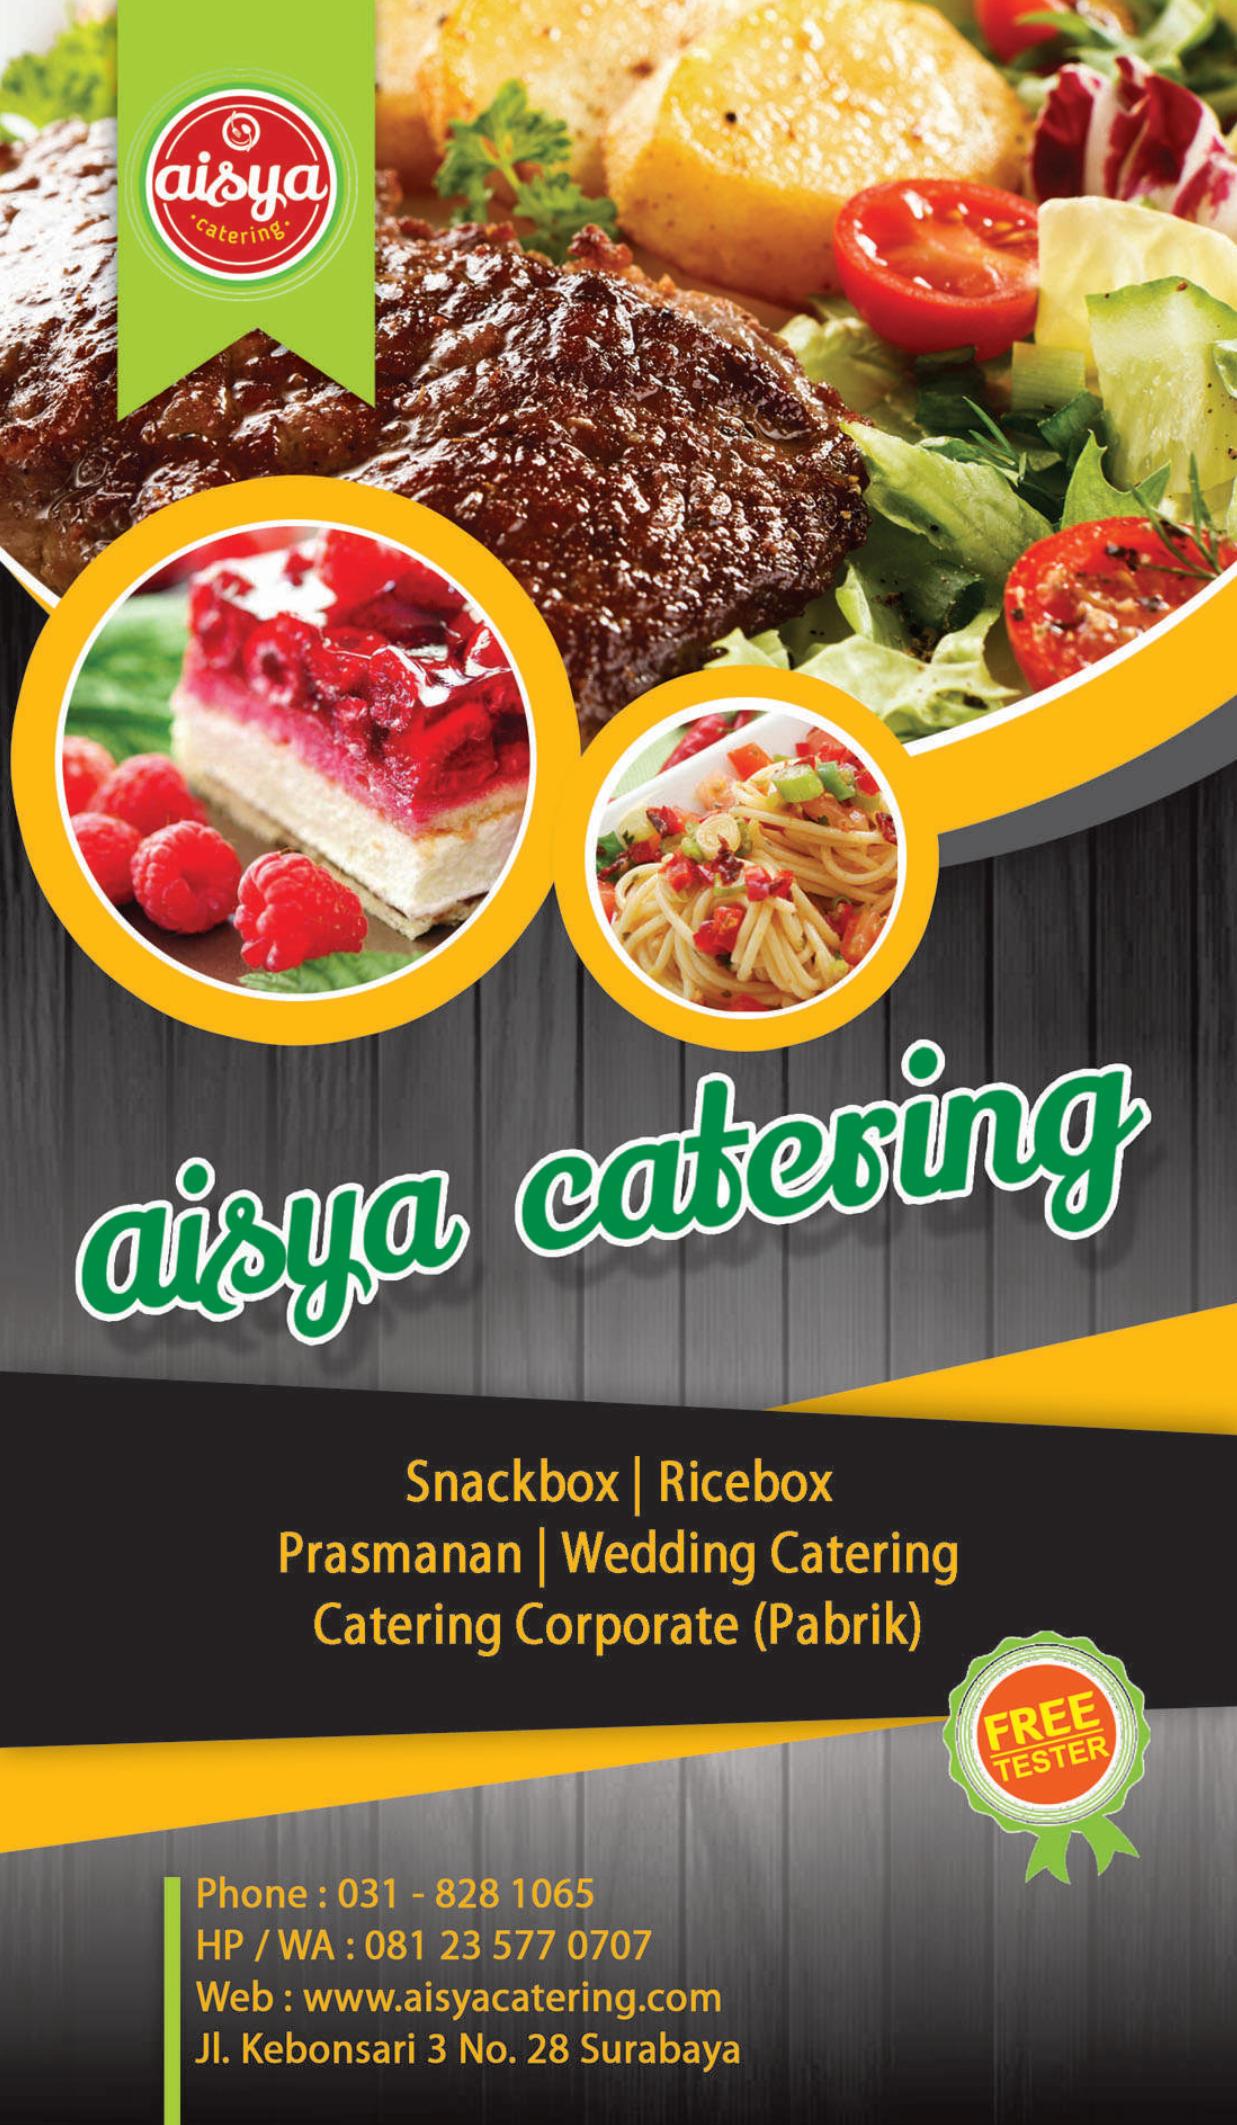 aisyah catering surabaya (2)